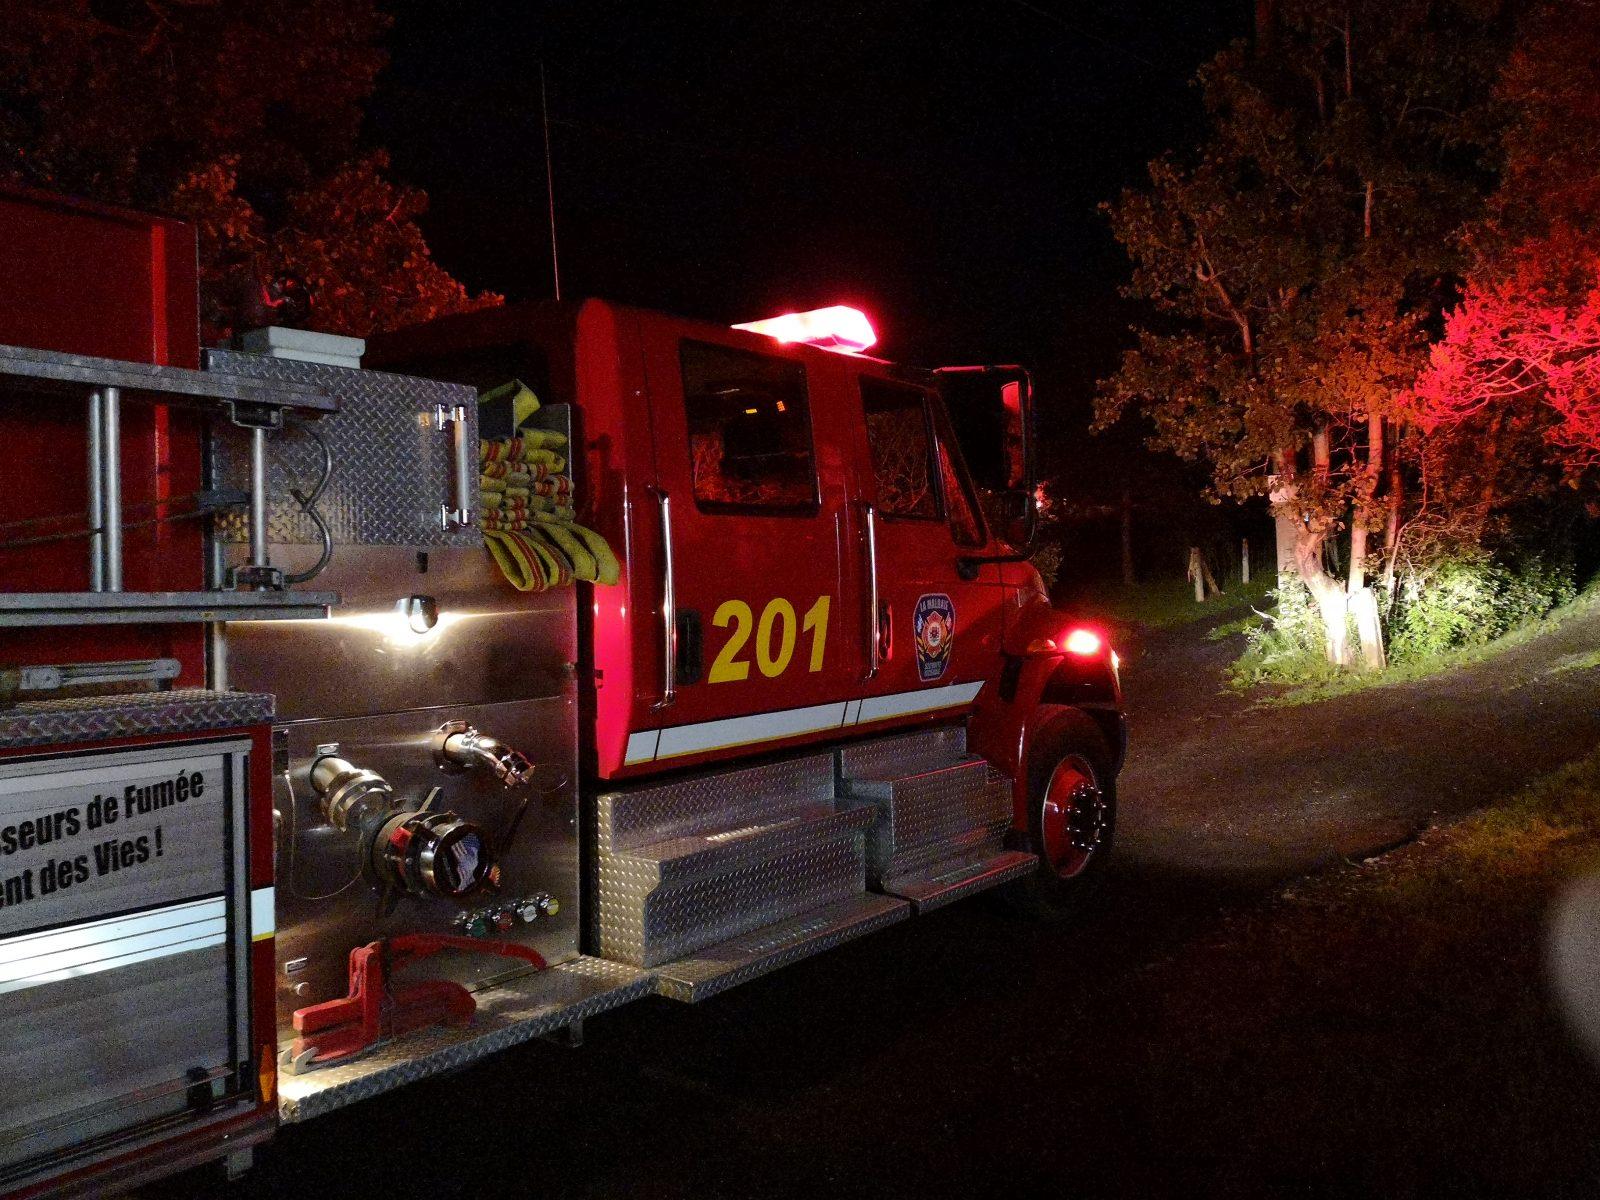 La Malbaie procèdera à l'achat d'un camion de pompier neuf